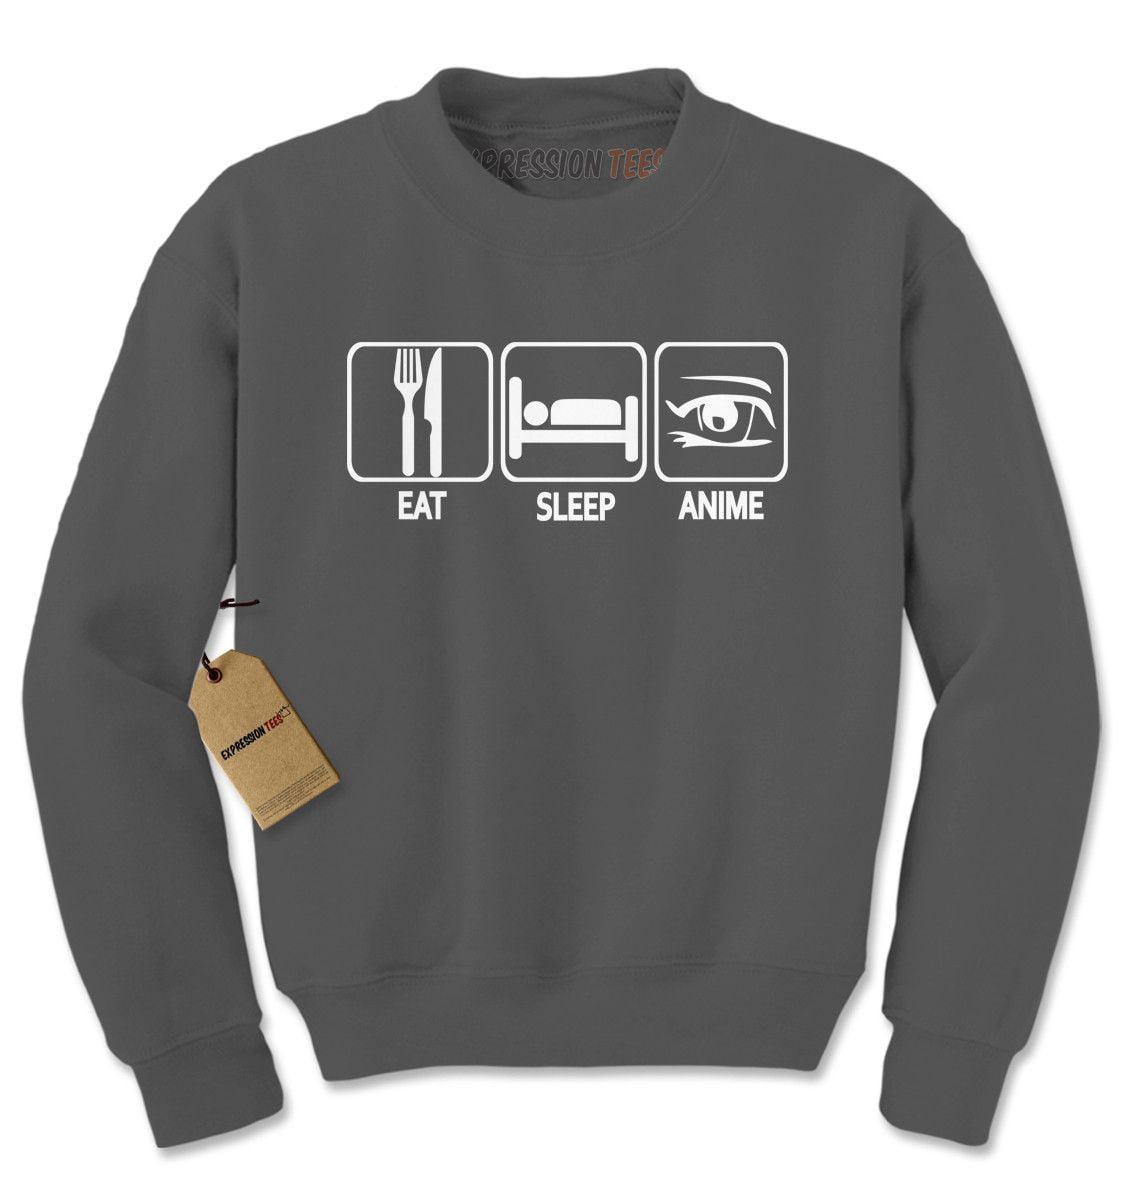 89603d4630 Expression Tees - Eat. Sleep. Anime. Adult Crewneck Sweatshirt ...